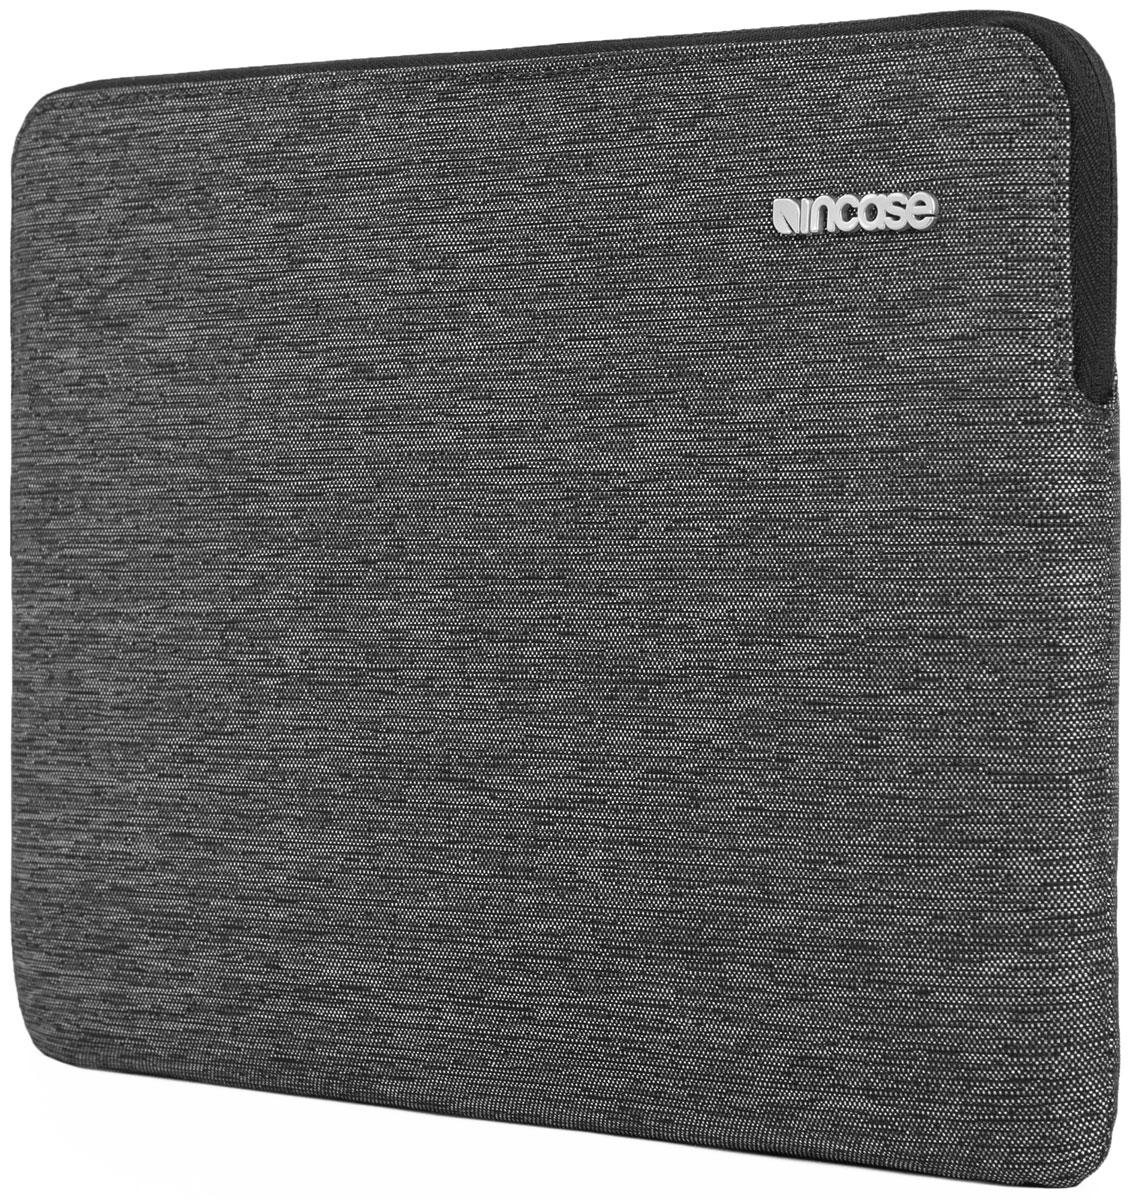 Incase Slim Sleeve чехол для Apple MacBook Air 11, Heather BlackCL60688Великолепный дизайн чехла Incase Slim Sleeve гармонично дополнит тонкий корпус MacBook, а подкладка из искусственного меха защитит его от царапин и ударов. Чехол Slim Sleeve изготовлен из ткани Ecoya, при производстве которой тратится меньше воды и выбрасывается меньше углекислого газа.